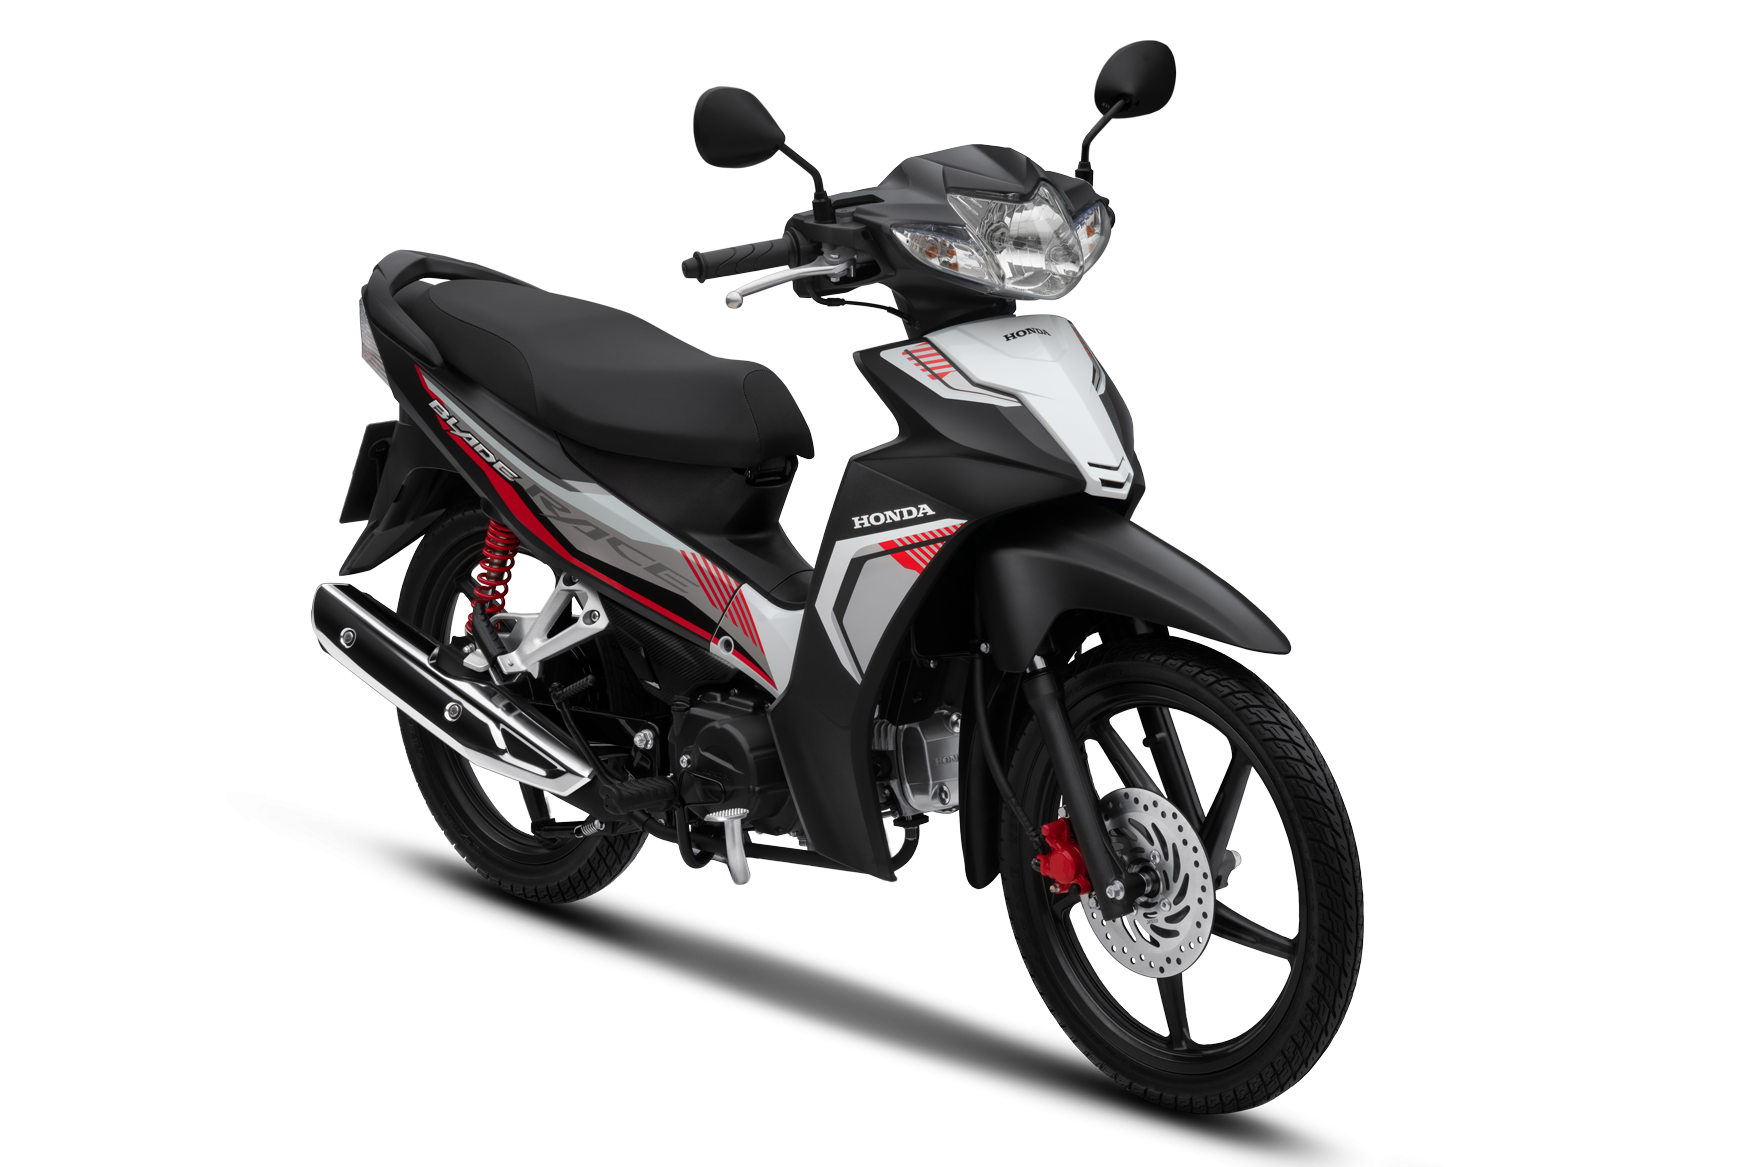 Honda Blade 2020 phiên bản thể thao vành đúc phanh đĩa màu xanh đen trắng đỏ